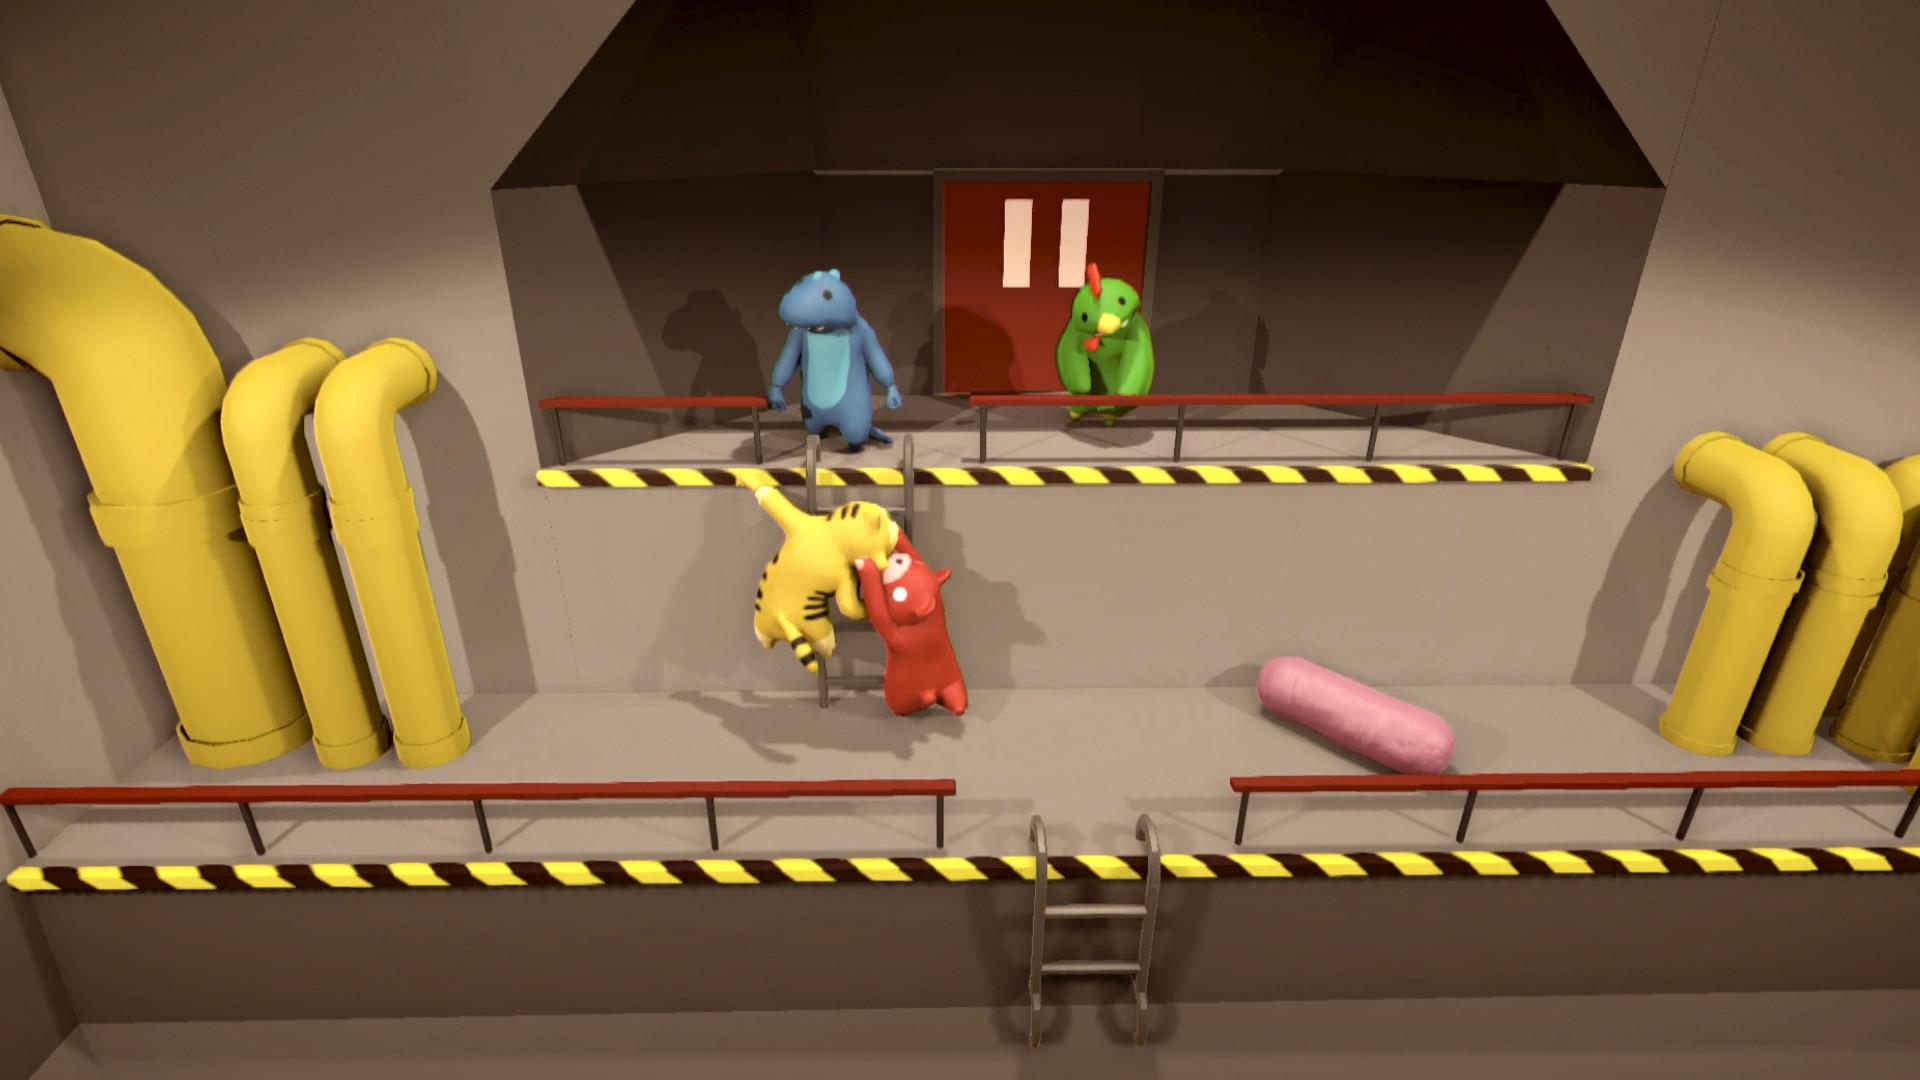 Скачать игру gang beasts (2015) на пк через торрент бесплатно на.